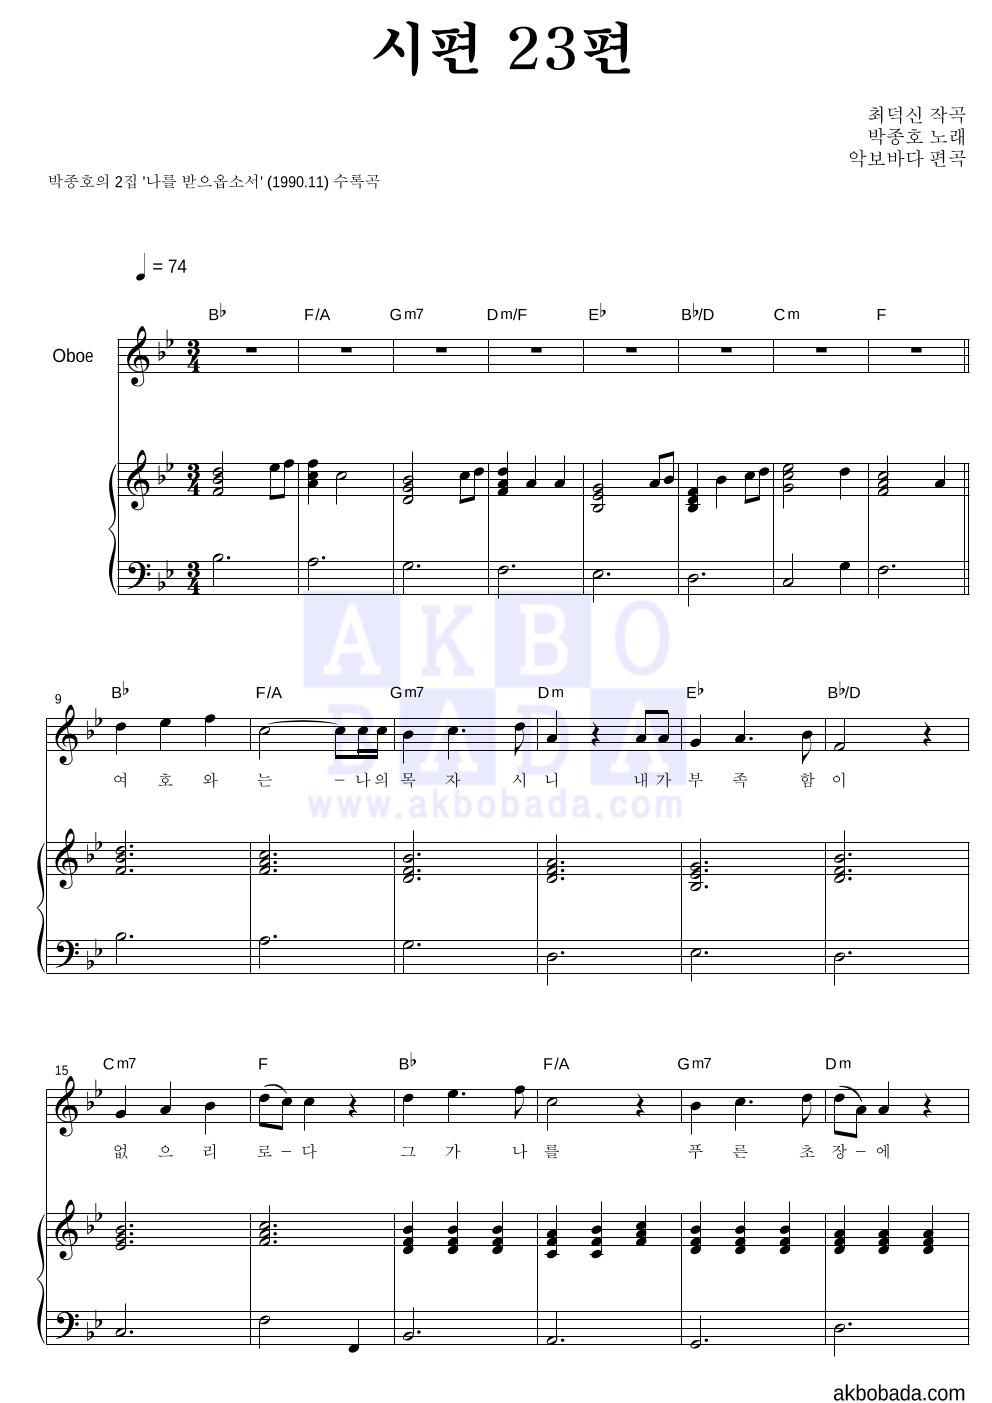 박종호 - 시편 23편 오보에&피아노 악보